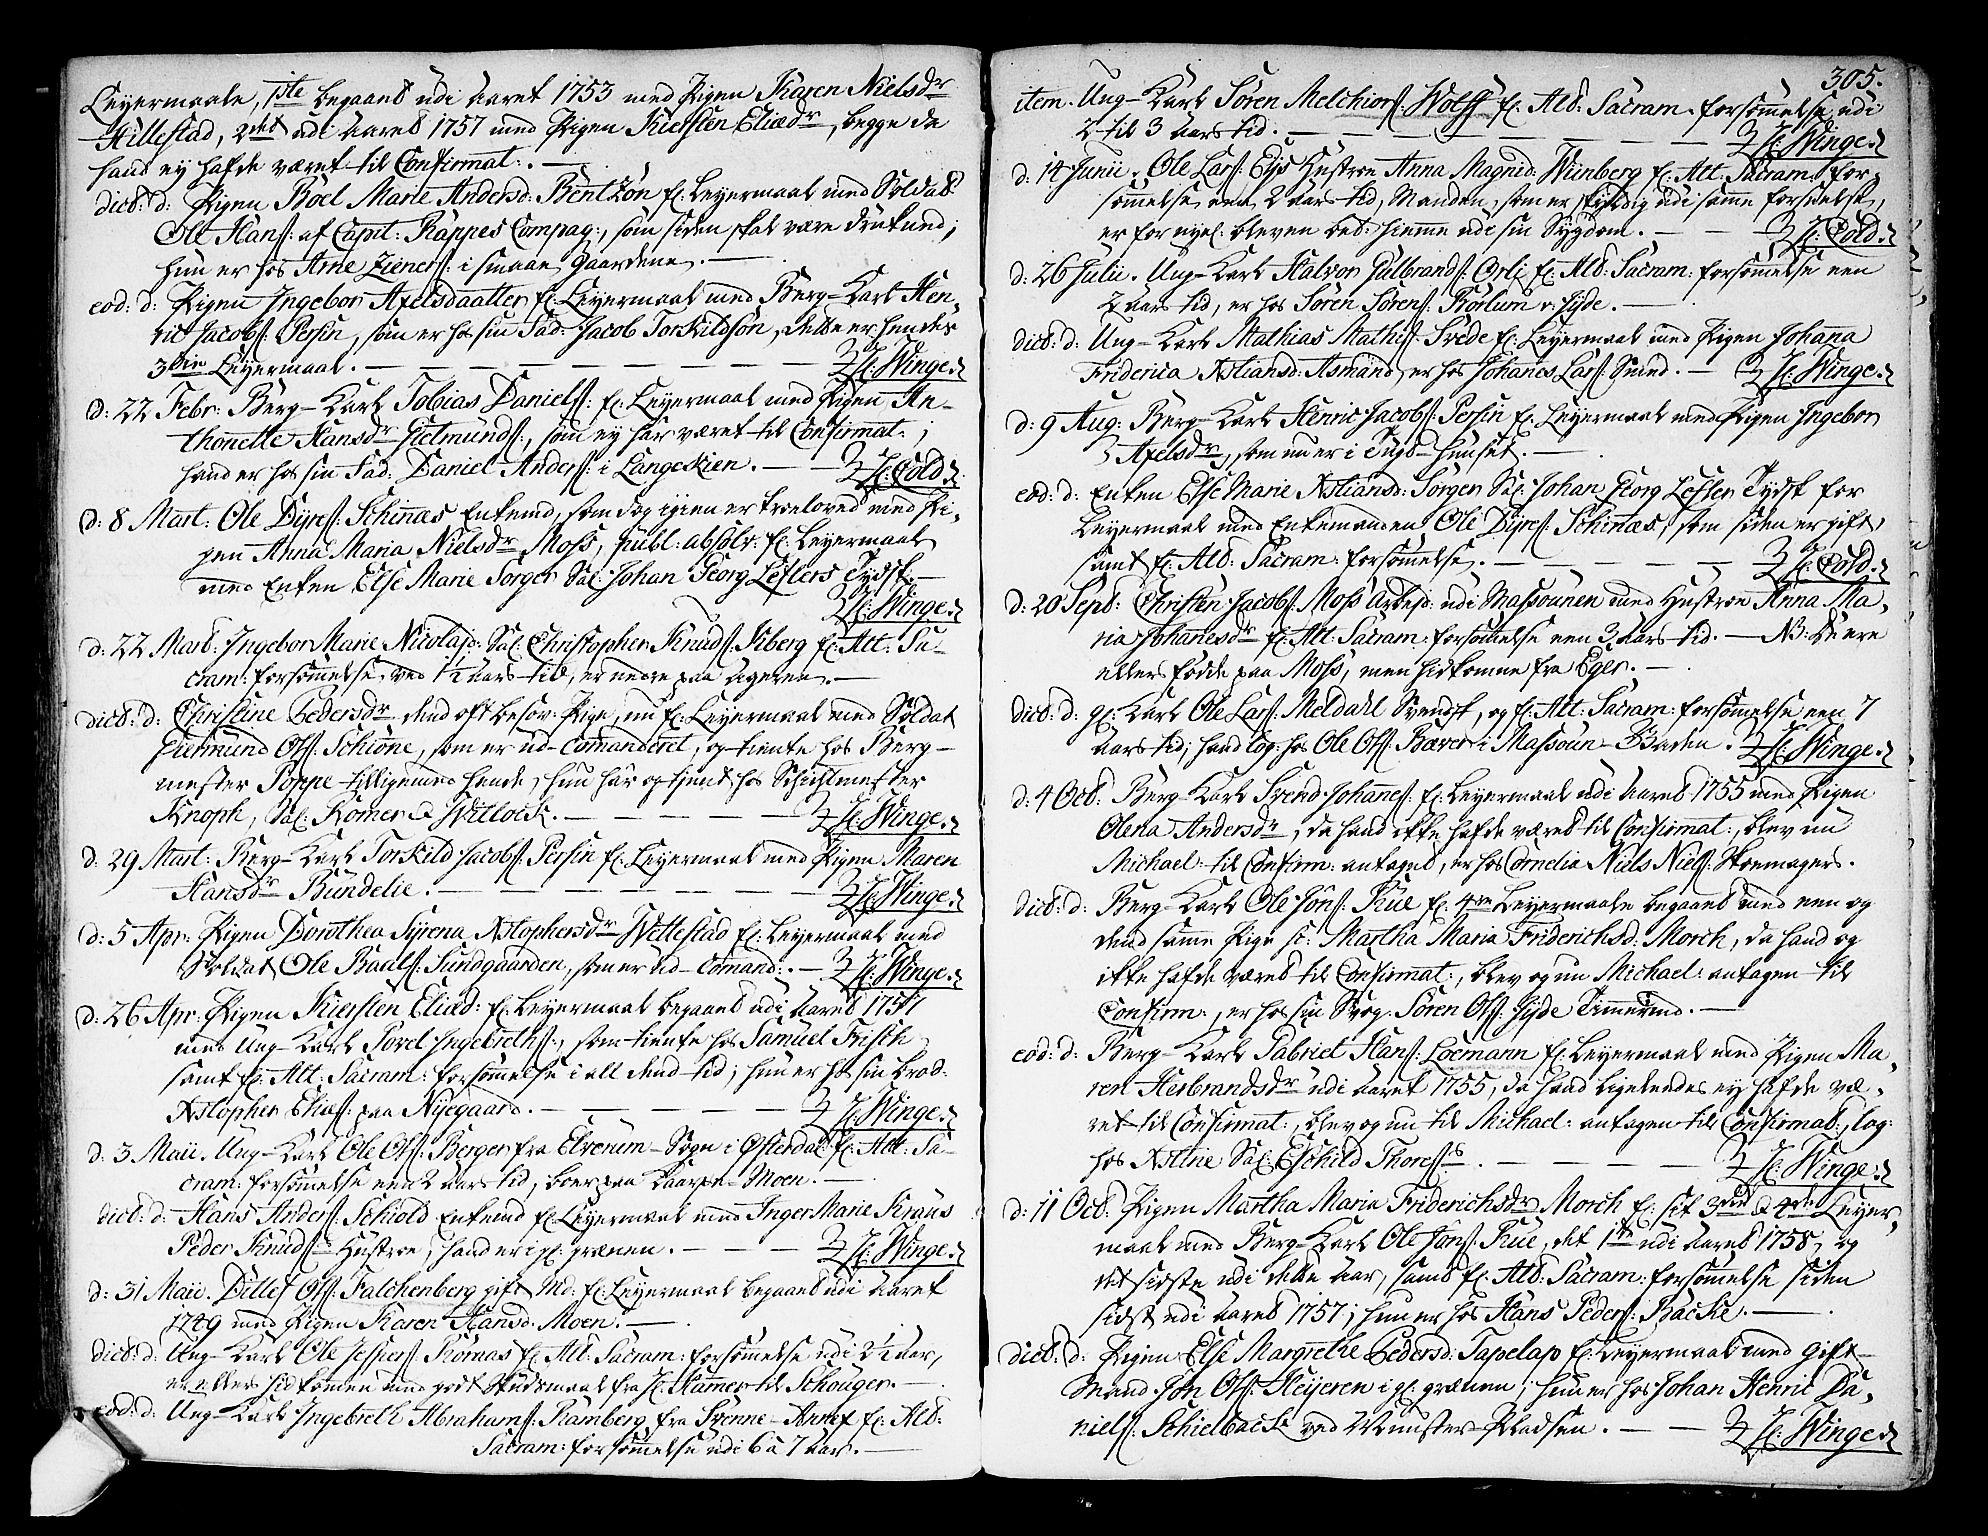 SAKO, Kongsberg kirkebøker, F/Fa/L0004: Ministerialbok nr. I 4, 1756-1768, s. 305